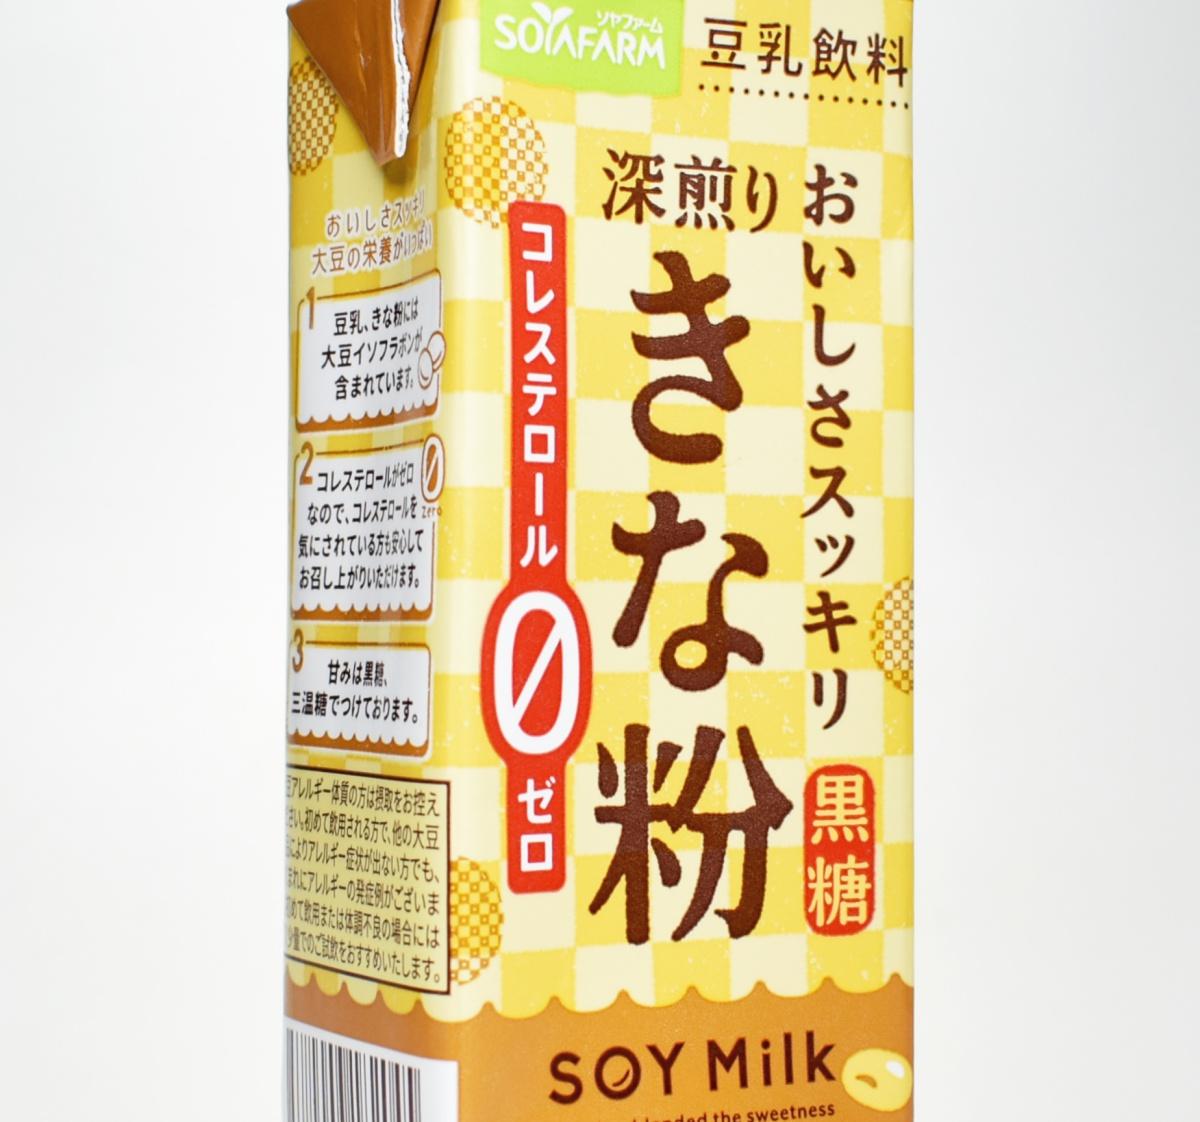 ポッカサッポロ,ソヤファーム おいしさスッキリ きな粉豆乳飲料